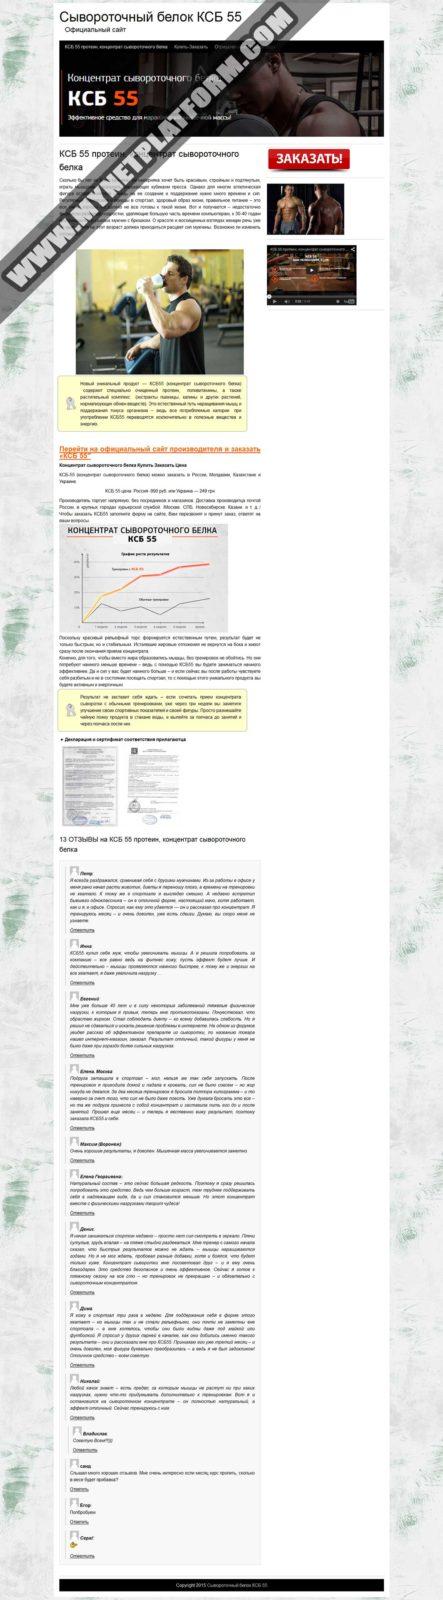 Скриншот Прокладка Официальный сайт для товара КСБ 55 01